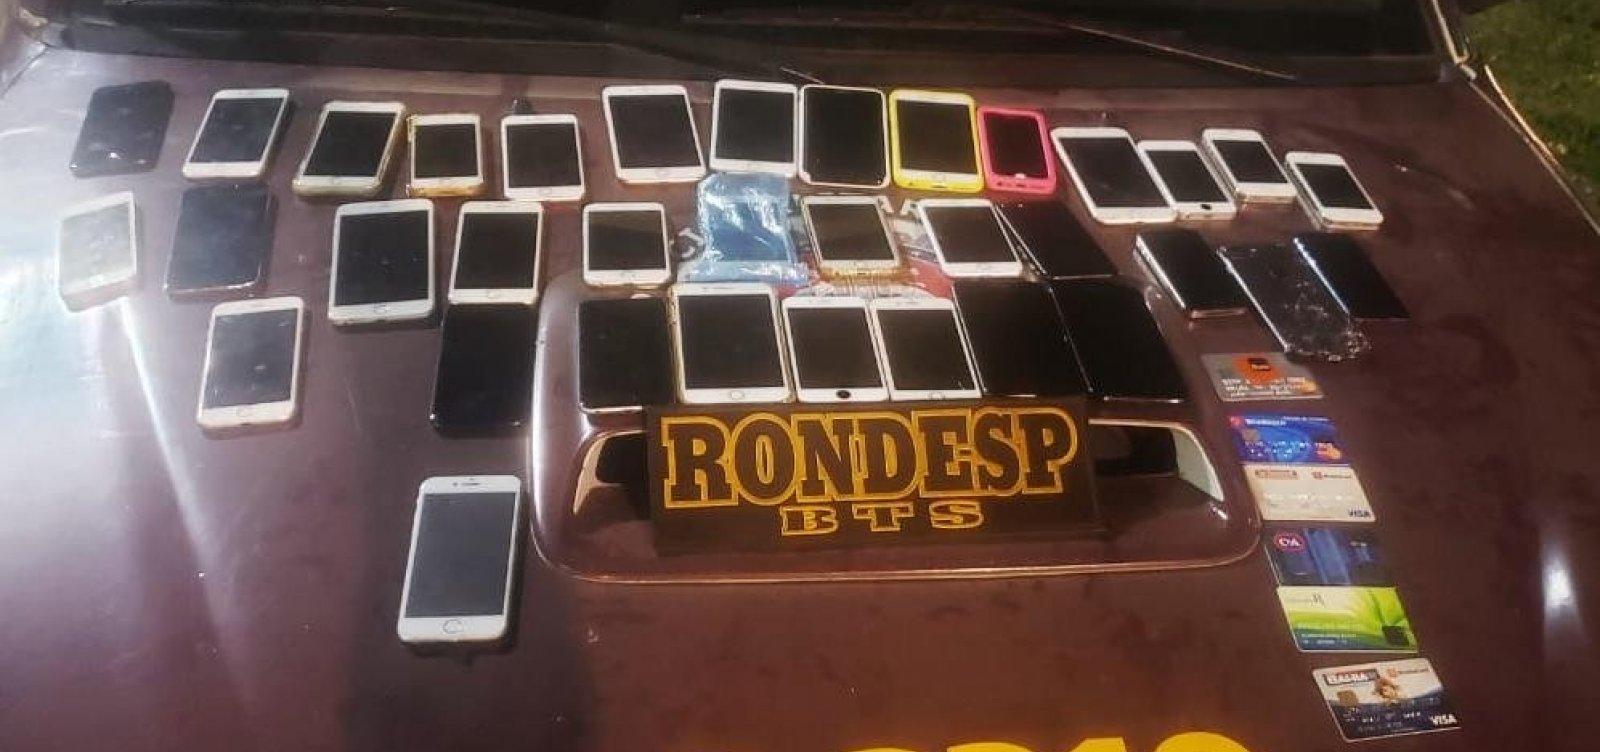 [Com ajuda de GPS, mais de 30 iPhones furtados em festa são recuperados pela PM]